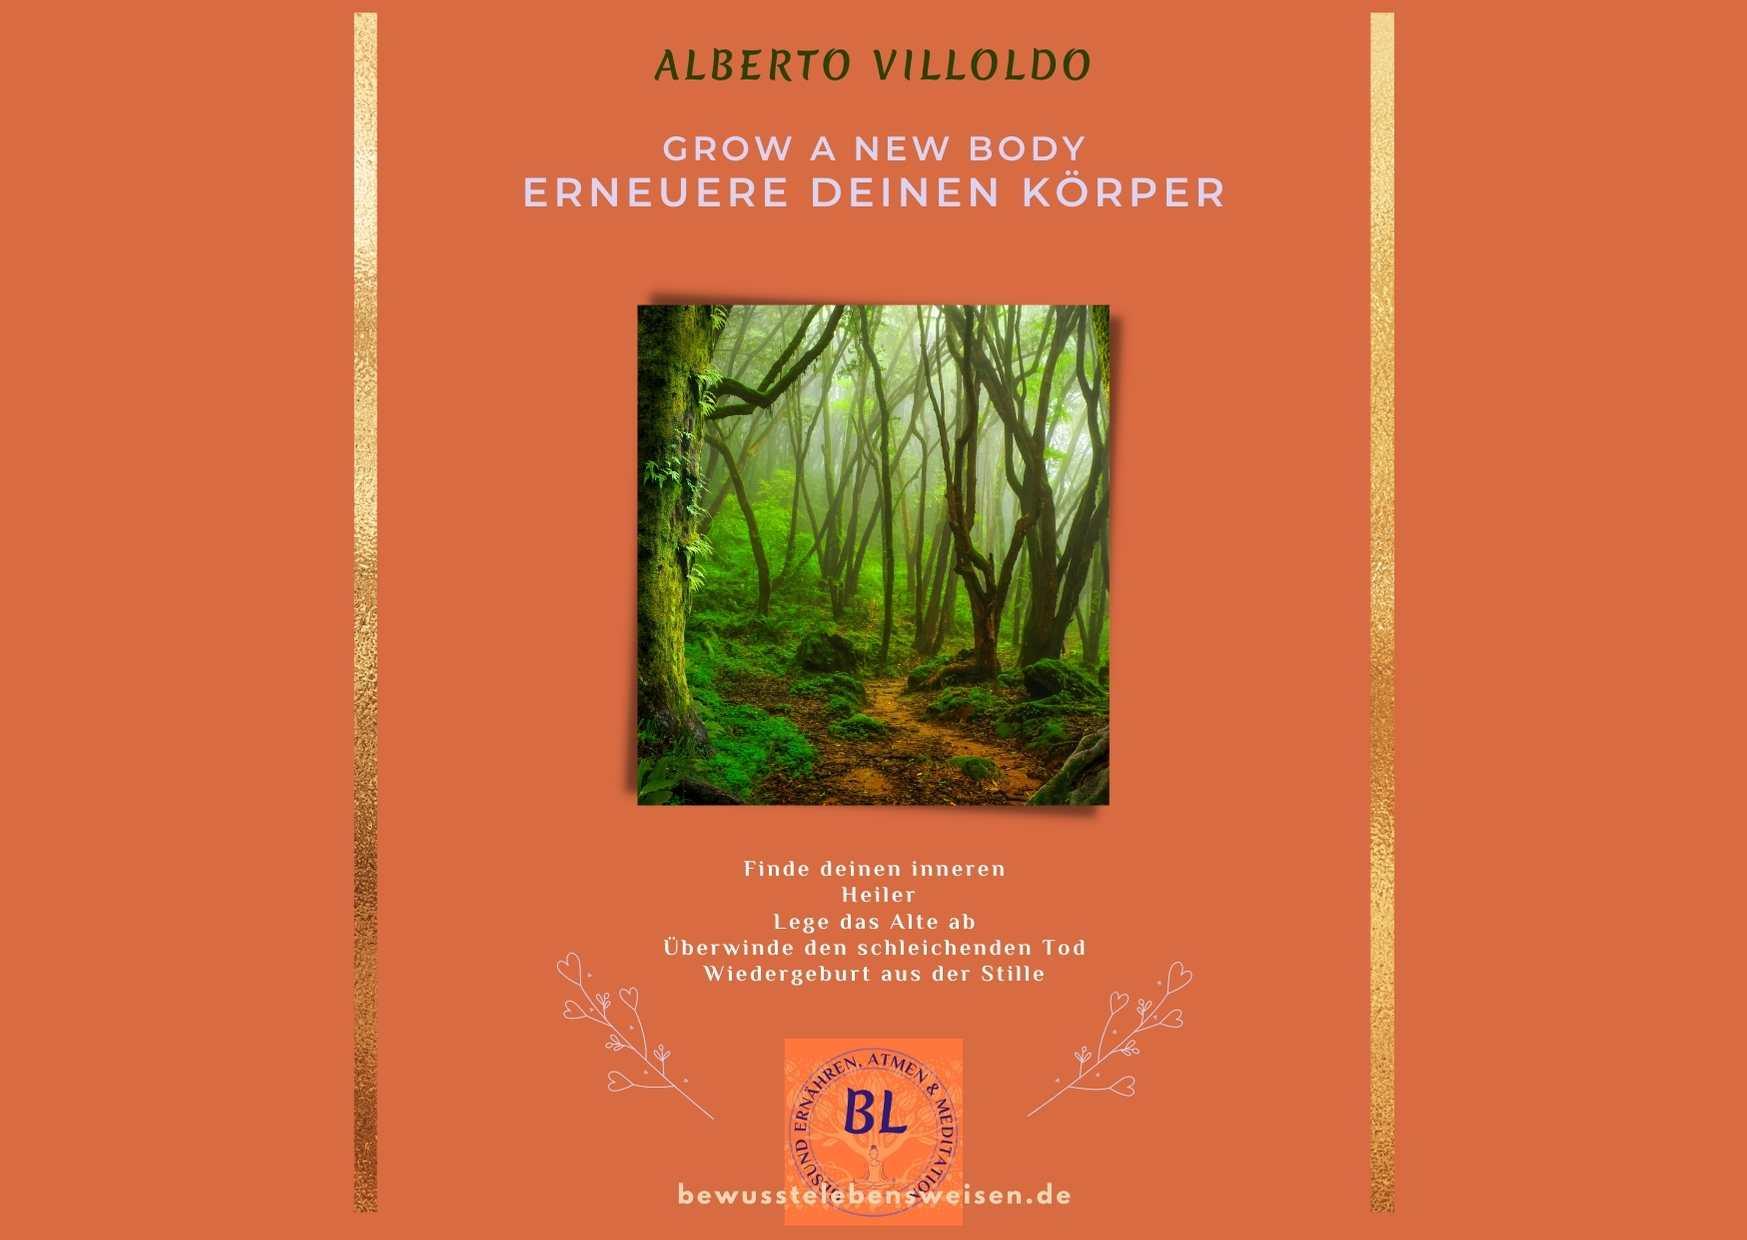 Alberto Villoldo erneuere deinen Körper Meditation und Nahrungsergänzung für Entgiftung und Heilung